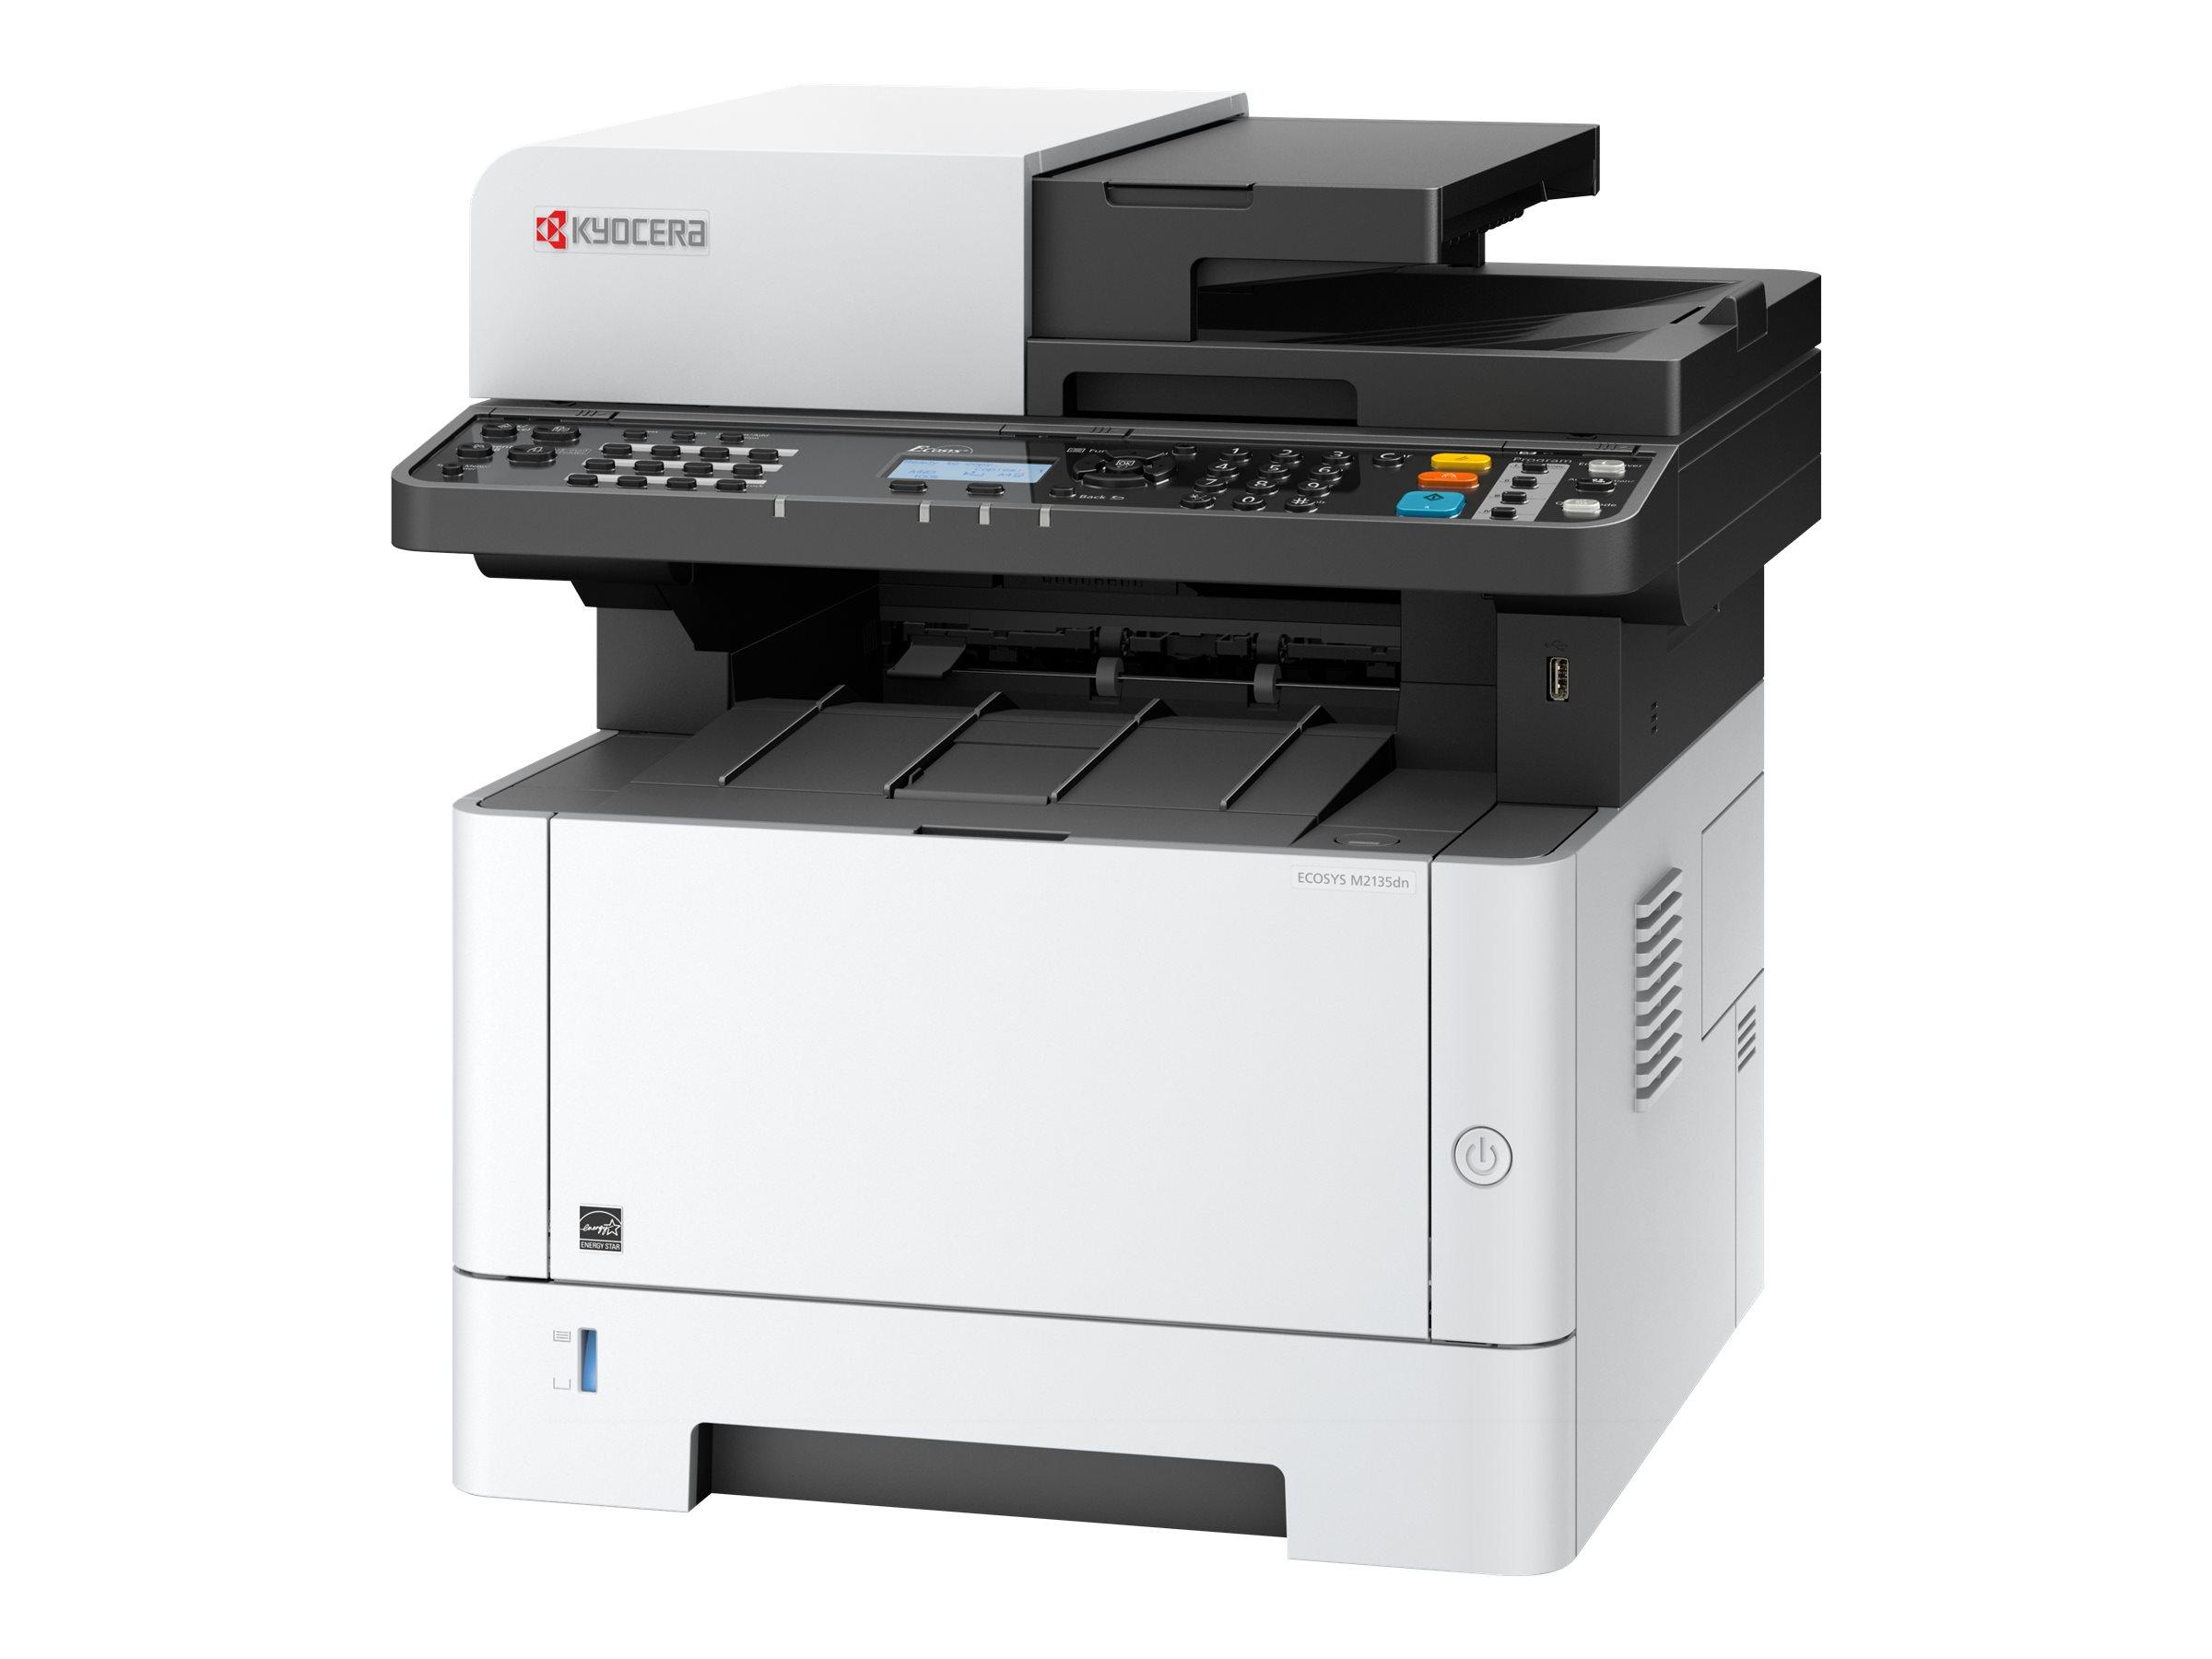 Kyocera ECOSYS M2135dn/KL3 - Multifunktionsdrucker